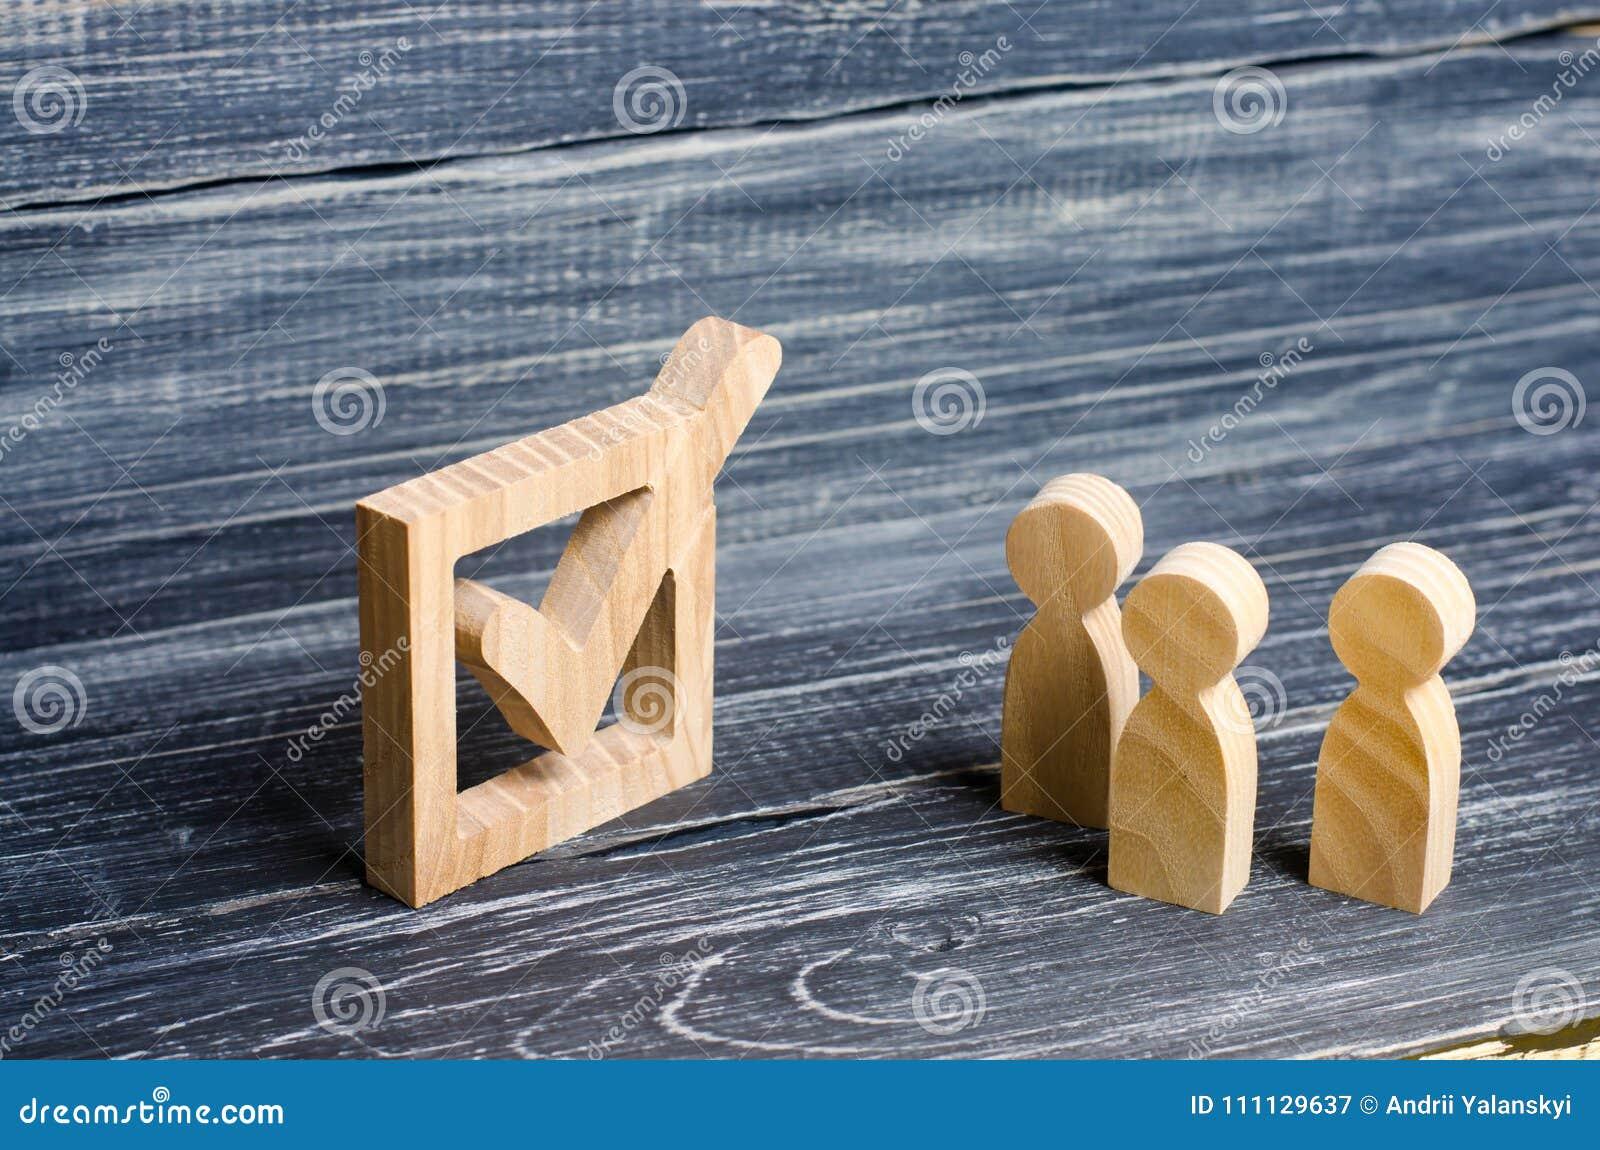 Tres figuras humanas de madera se unen al lado de una señal en